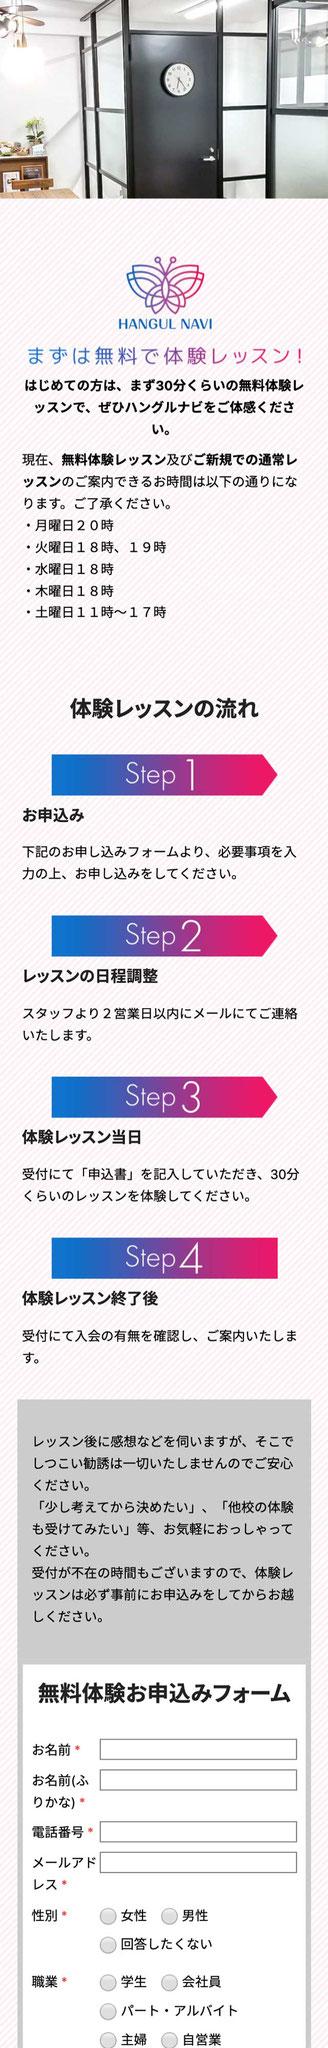 「コース&料金」ページのモバイル表示3